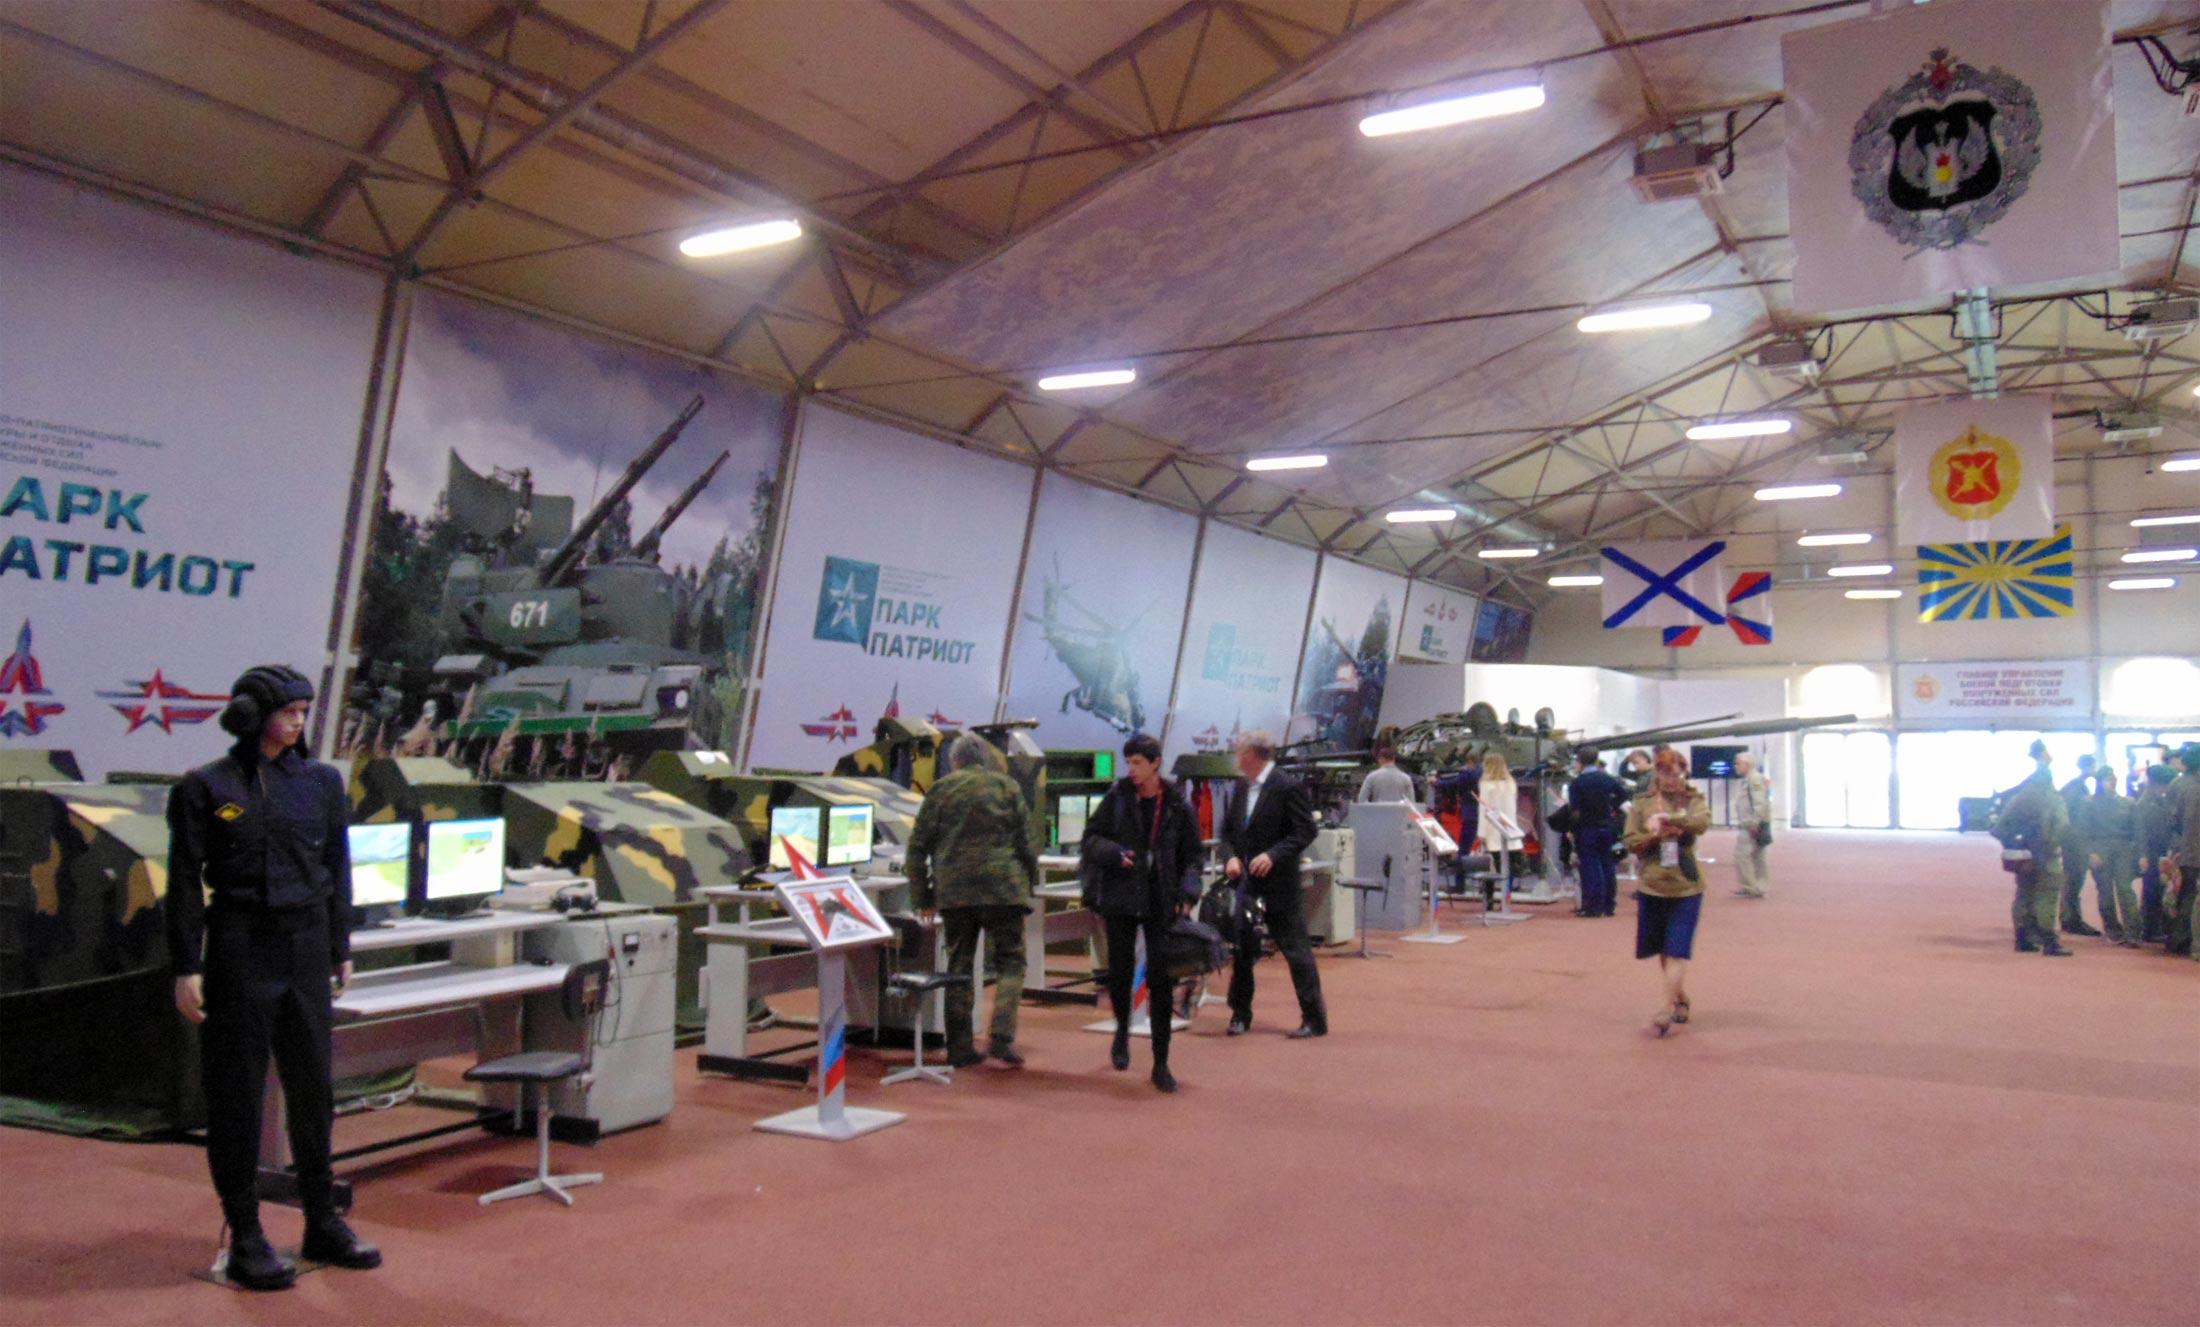 Kubinka Patriot park tank BMP simulator pavilion